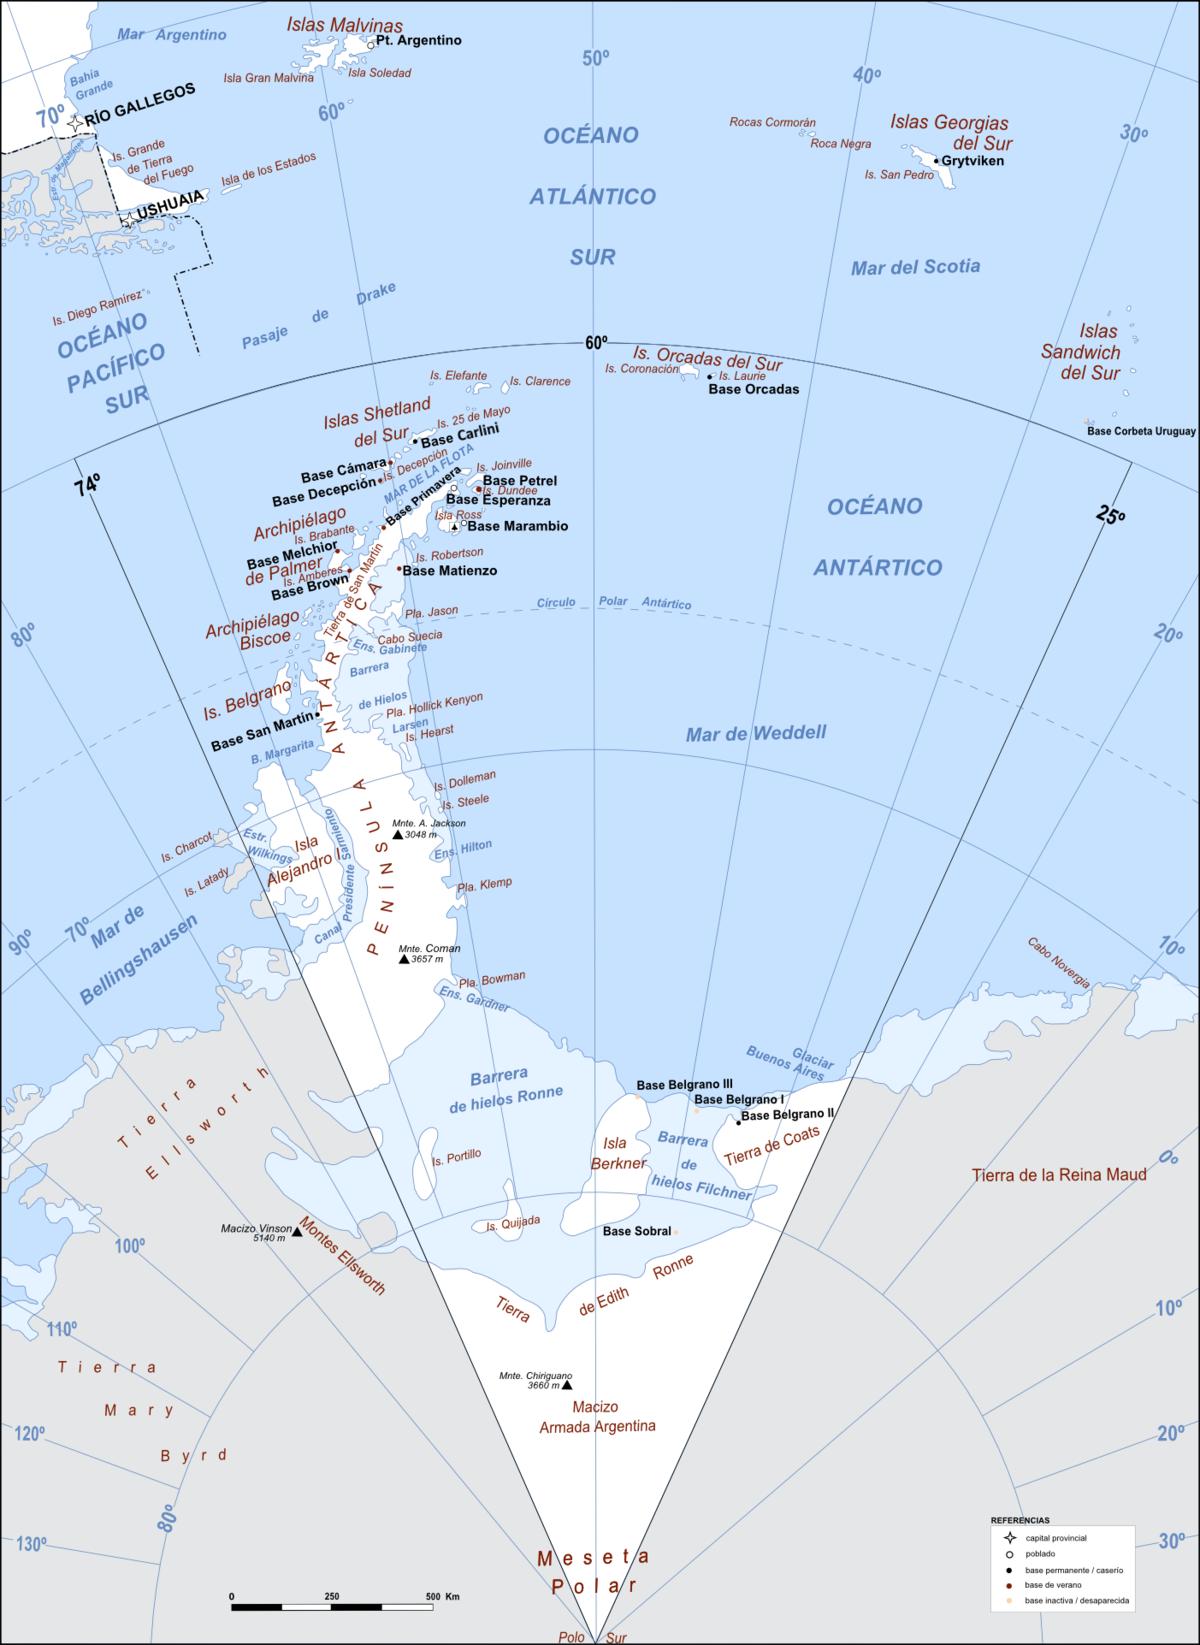 Departamento Antártida Argentina - Wikipedia, la enciclopedia libre